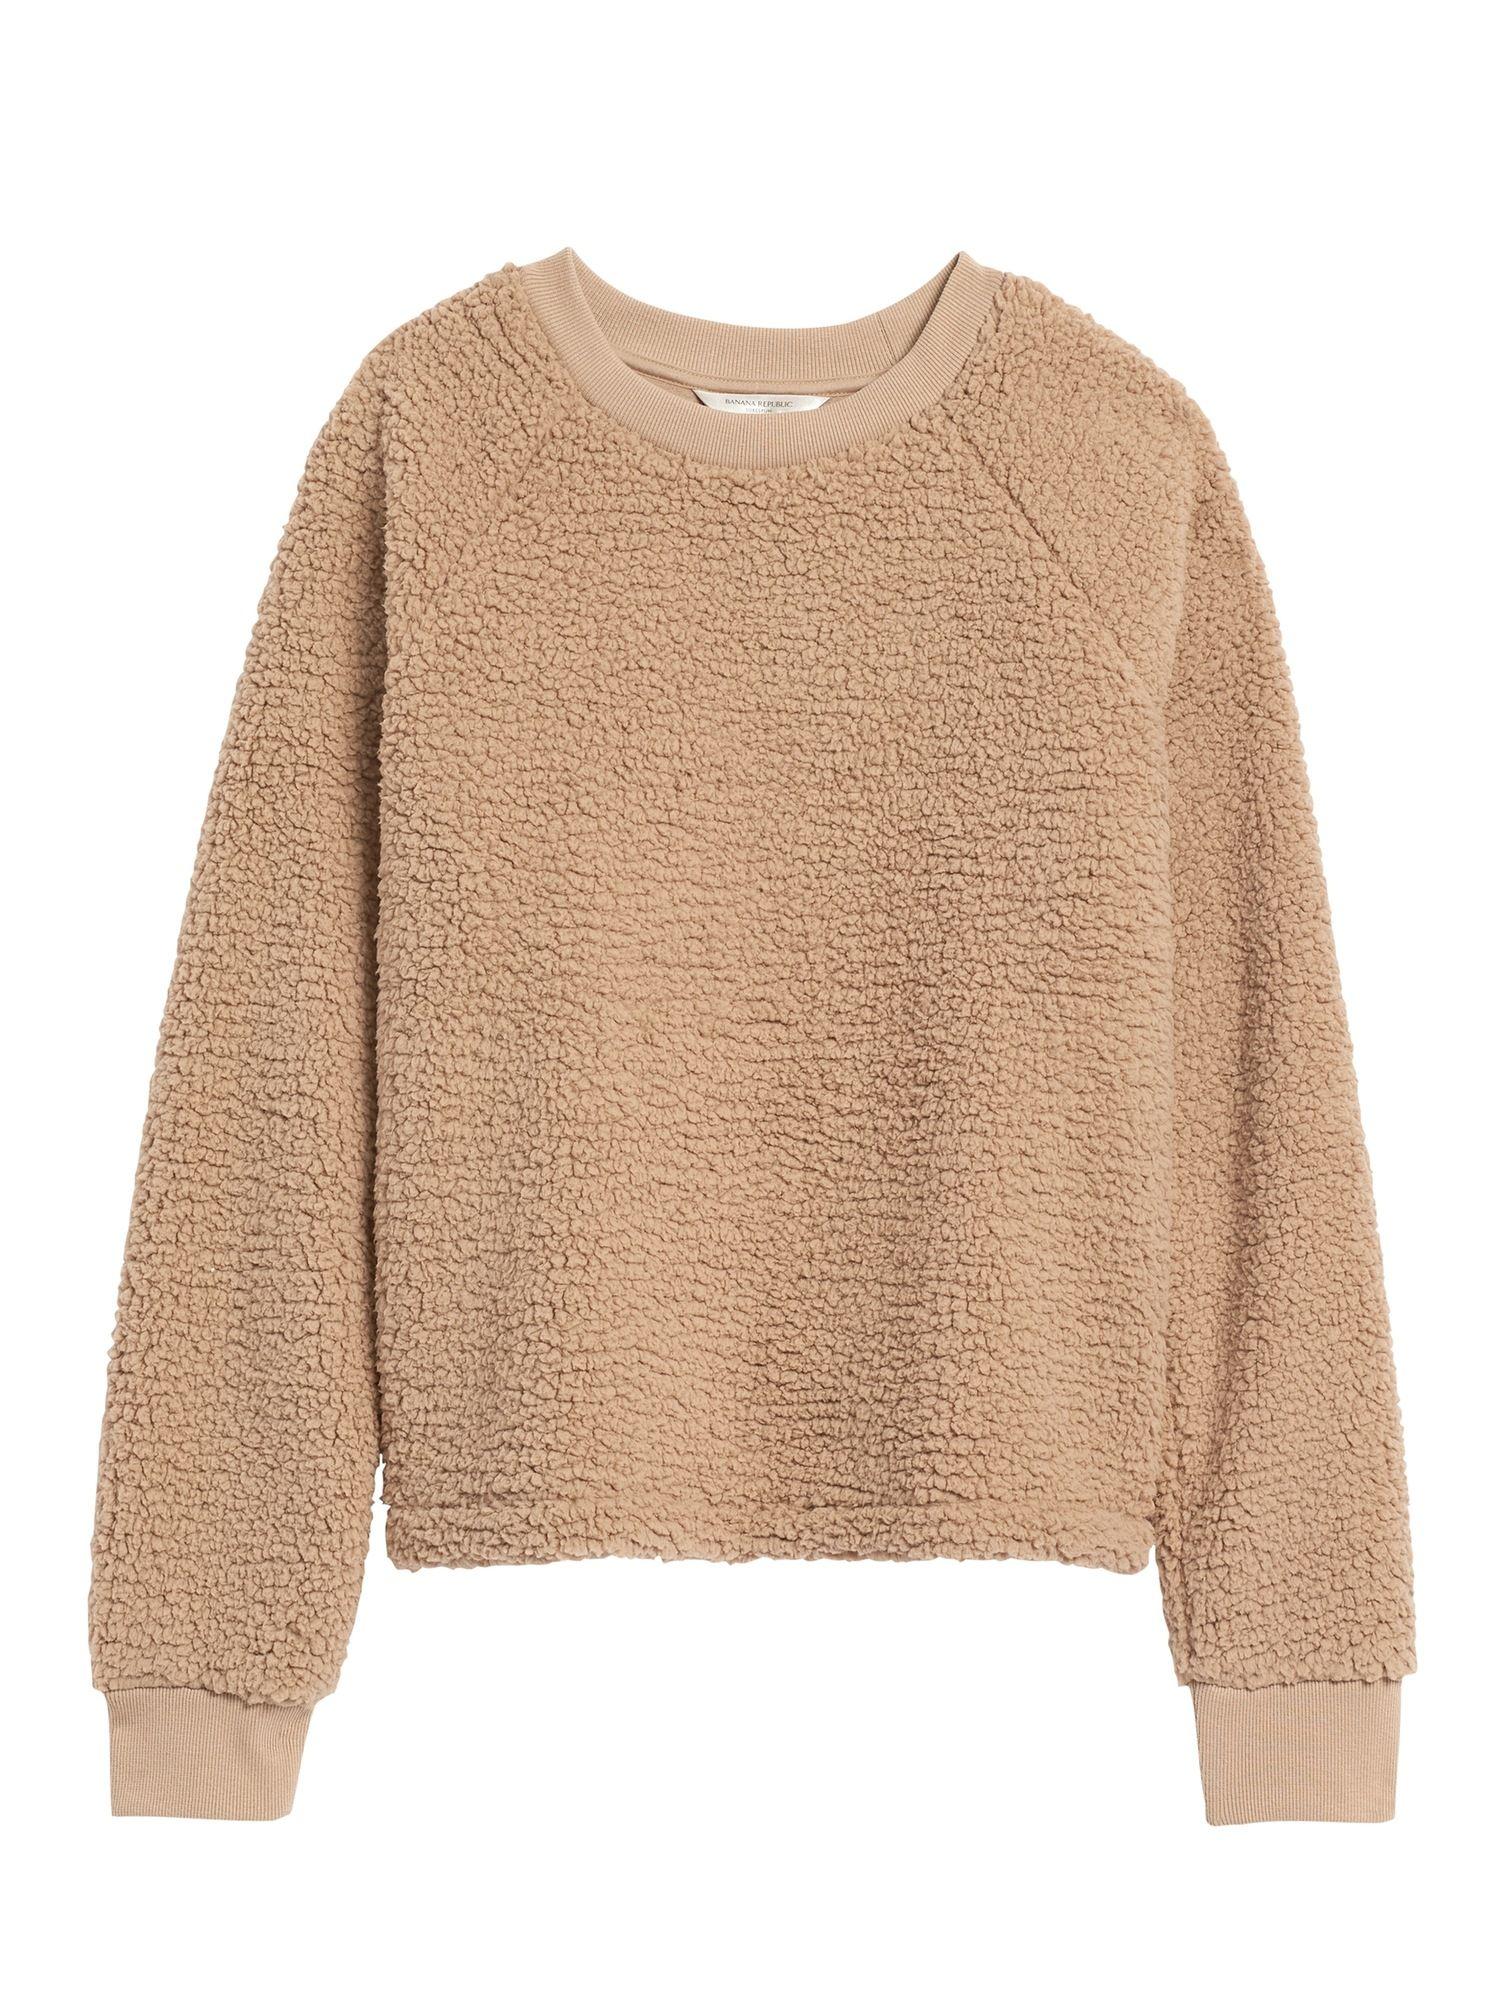 Petite Sherpa Fleece Crew Neck Sweatshirt Fleece Sweatshirt Outfit Sweaters For Women Crew Neck Sweatshirt [ 2000 x 1500 Pixel ]